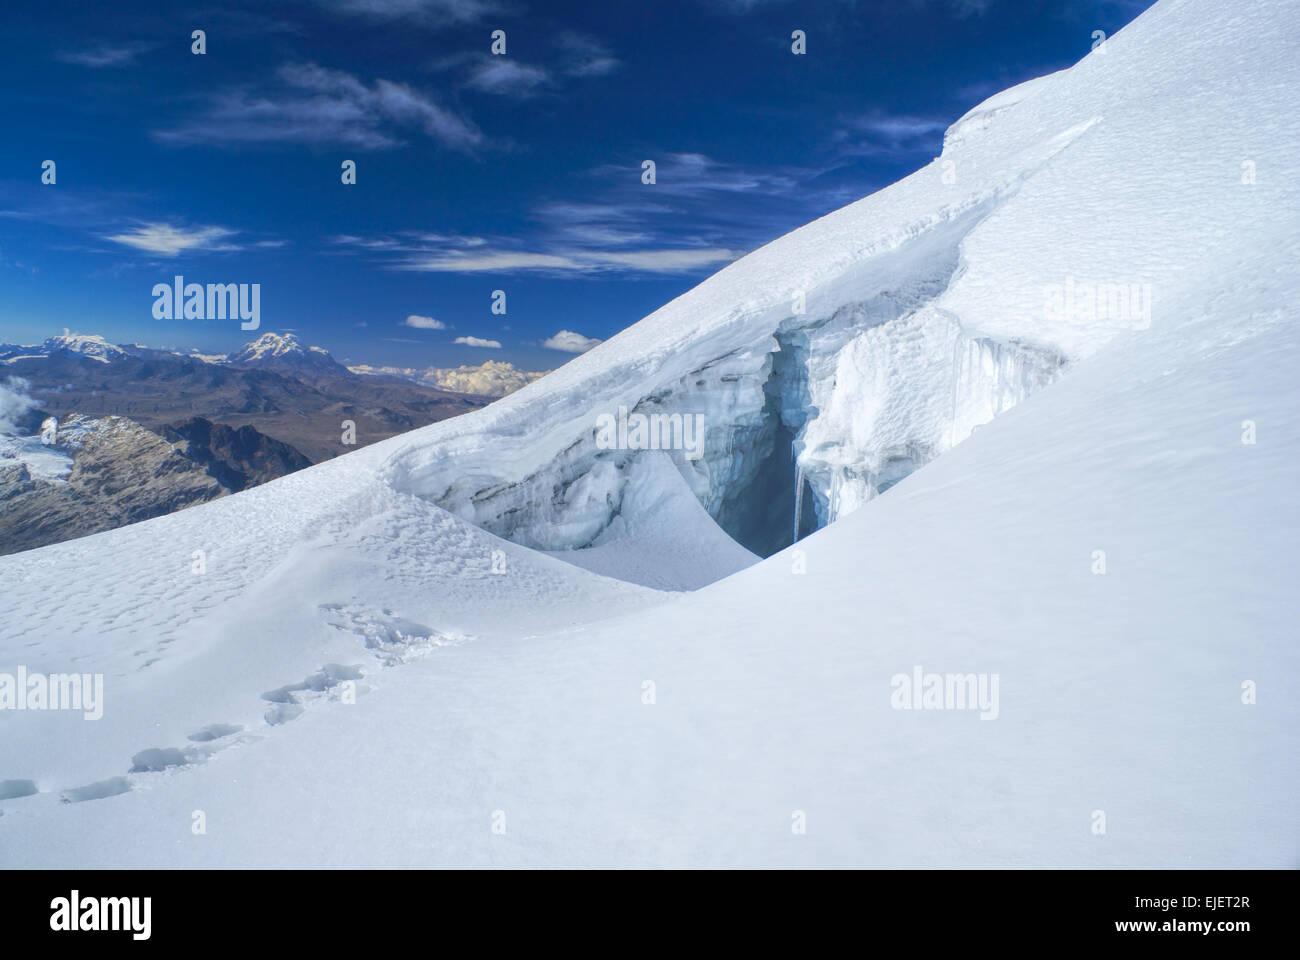 Crevasse in glacier near top of Huayna Potosi mountain in Bolivia - Stock Image